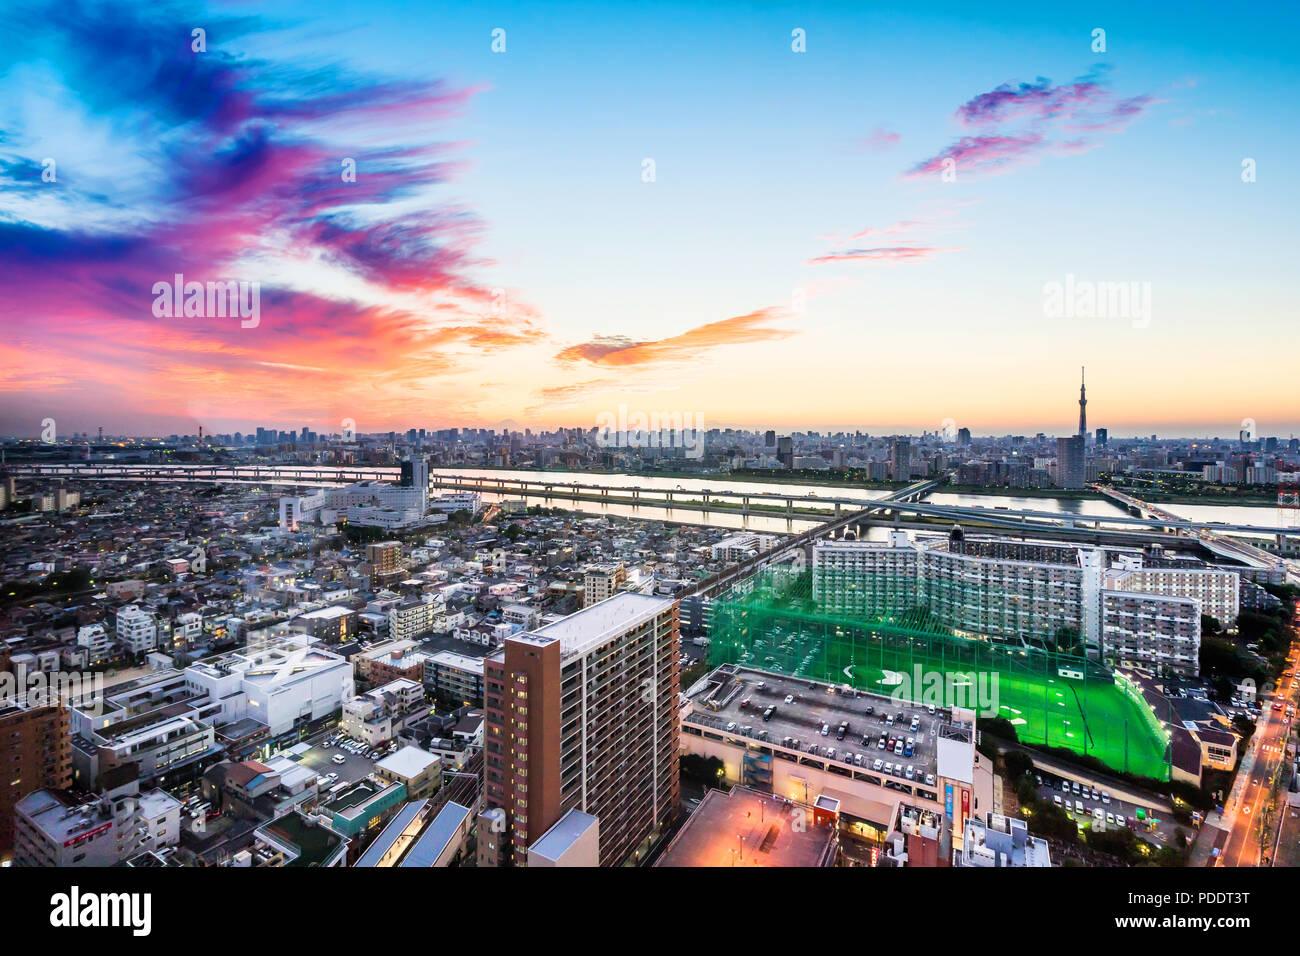 Concepto de negocio y cultura - vistas panorámicas del horizonte de la ciudad de ojo de pájaro moderno vista aérea con Monte Fuji y Tokio skytree bajo el espectacular atardecer y resplandor Imagen De Stock